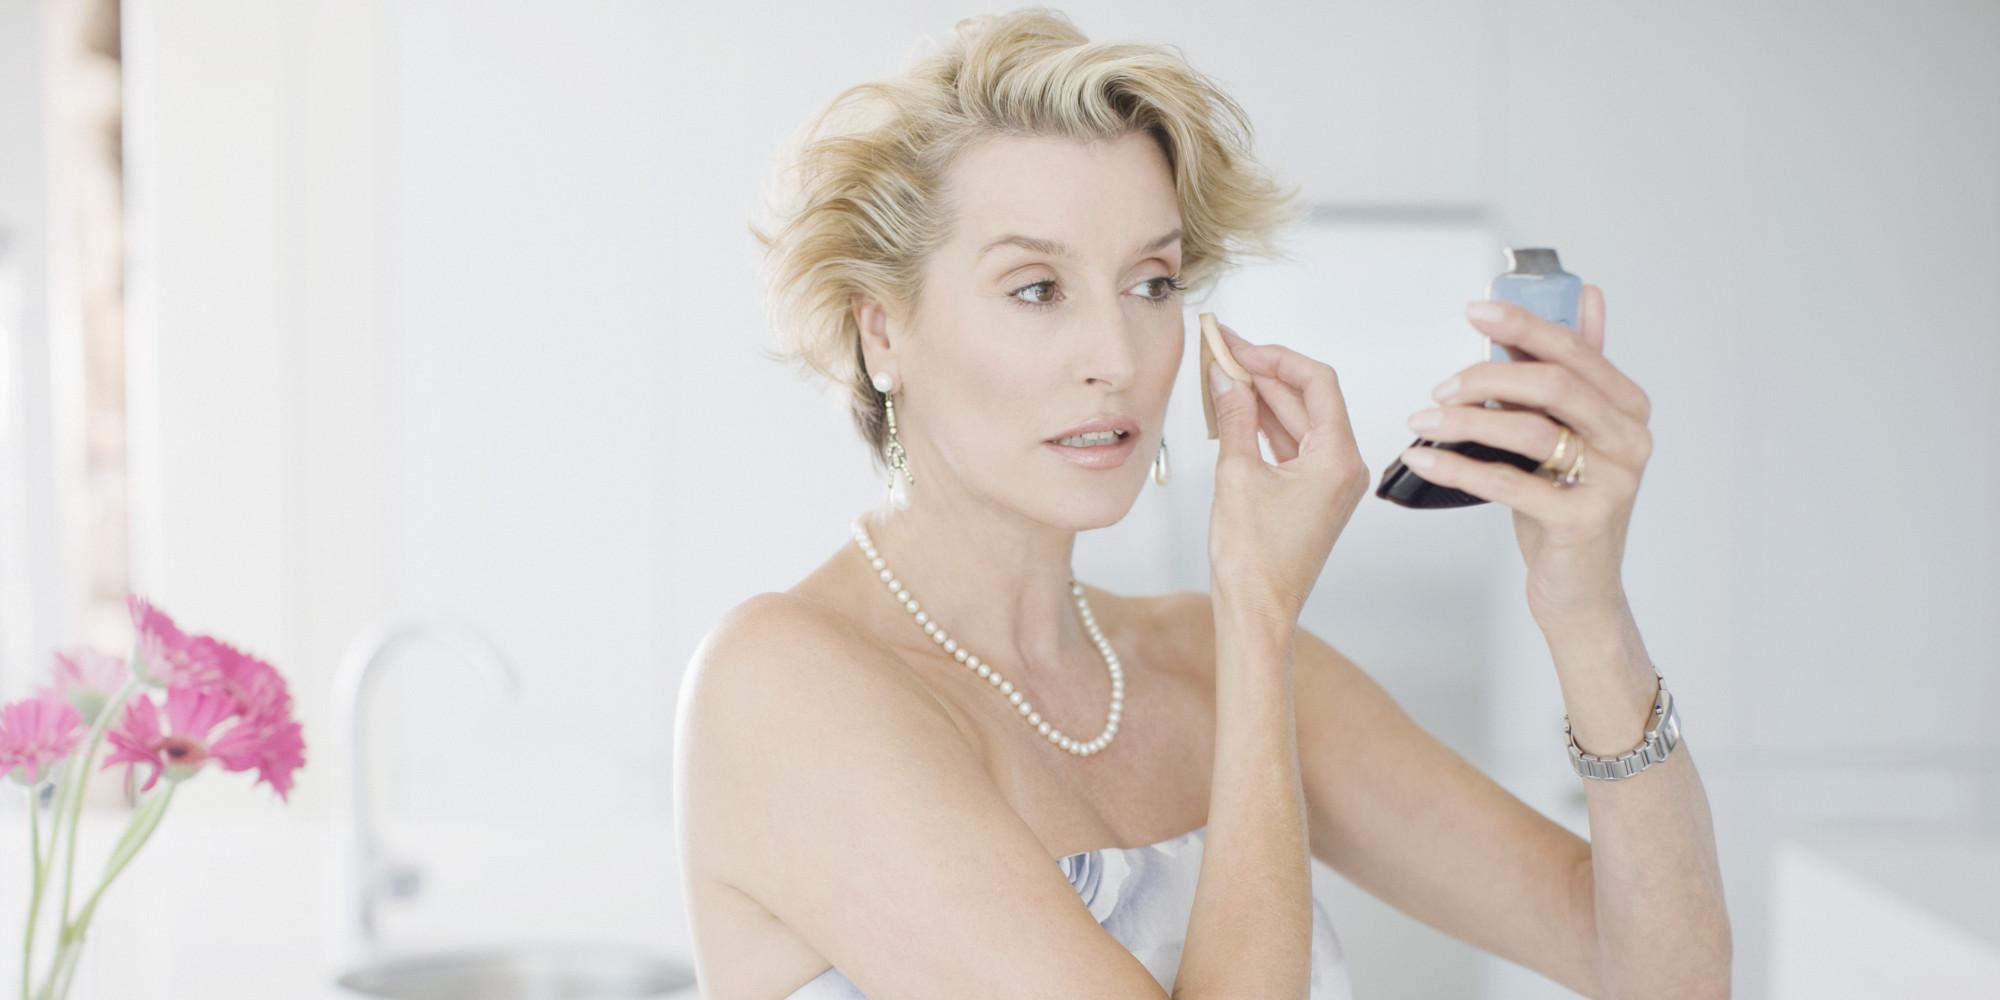 Los 5 mejores sérums faciales para mujeres de 50 años